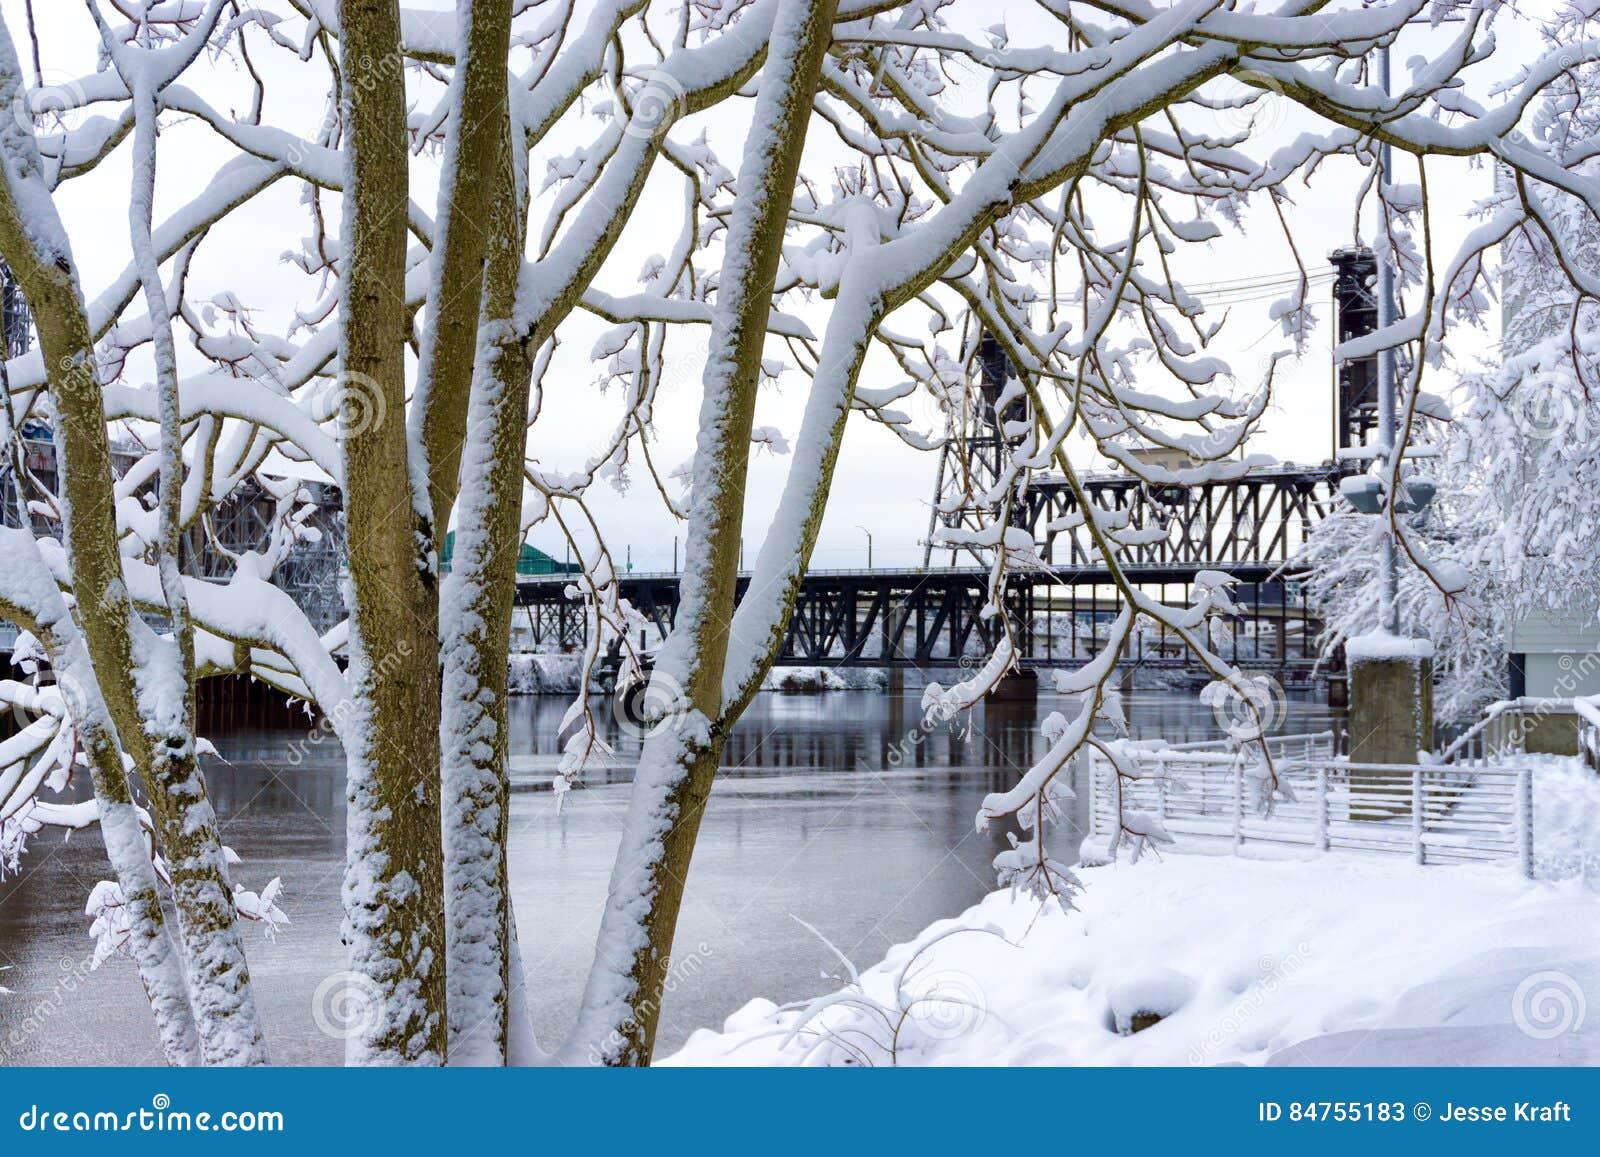 Snow and Steel Bridge